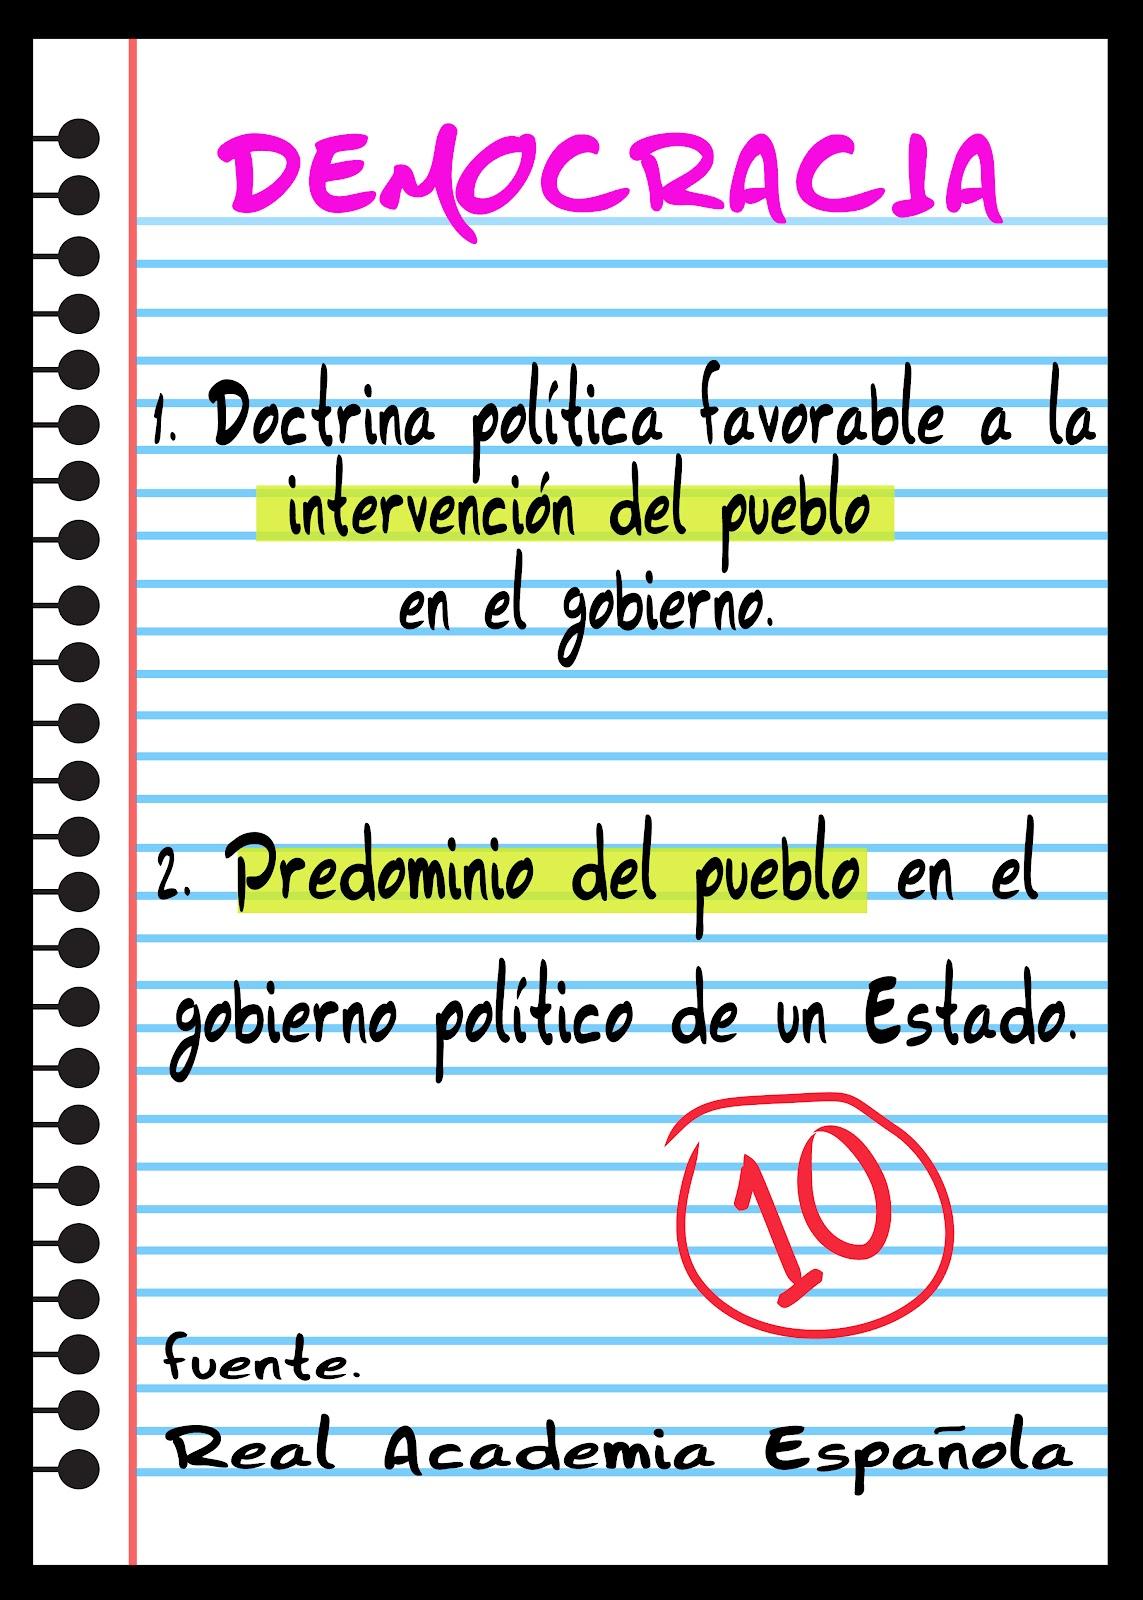 http://3.bp.blogspot.com/-isOwyaQkybk/T1_m6NnkHgI/AAAAAAAAAJk/Toepav_njgc/s1600/Democracia+Nota.jpg